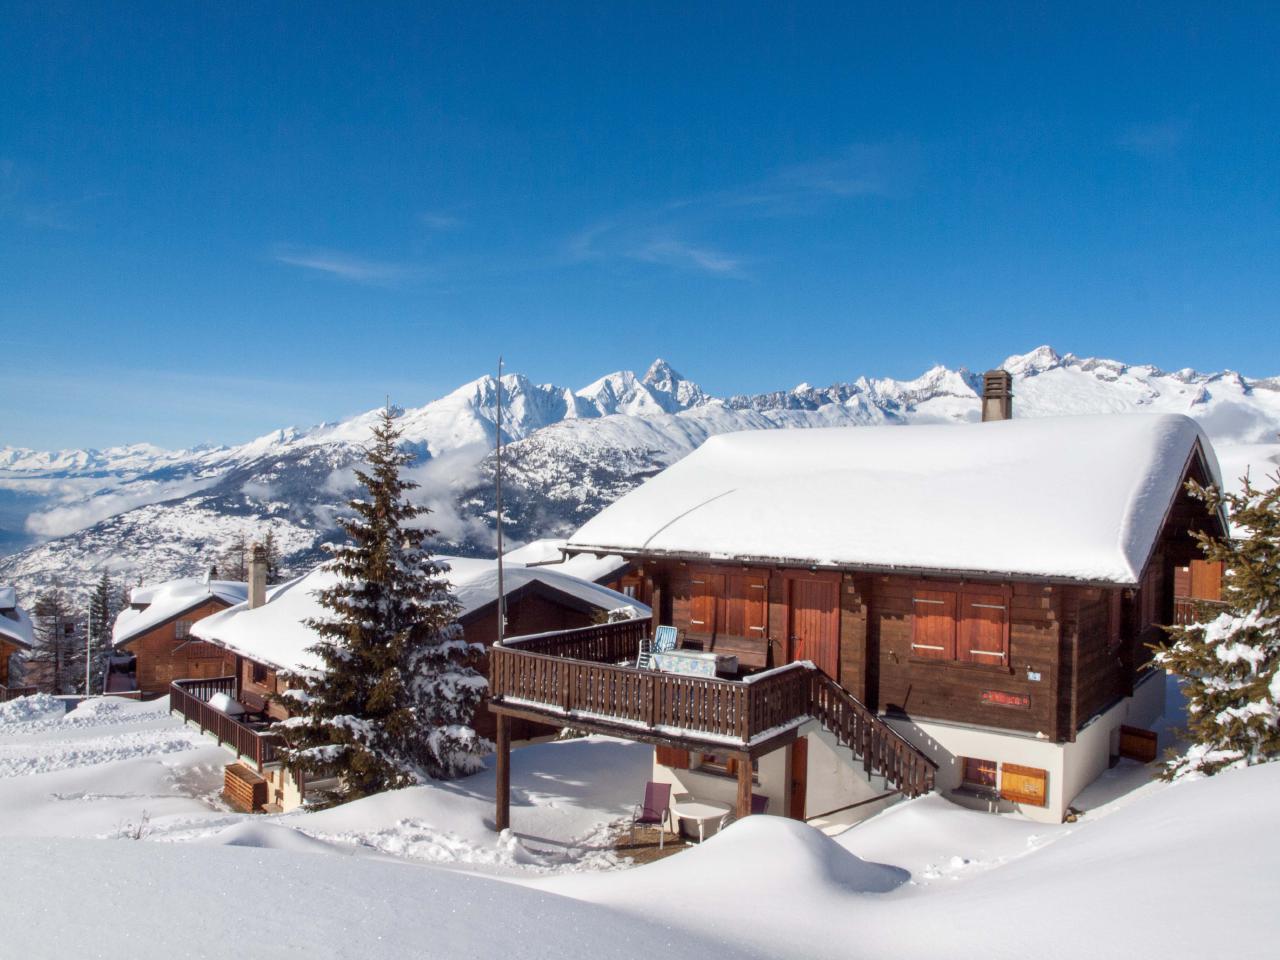 Ferienwohnung Chalet Allegra | Ferienwohnung in den Alpen (2245630), Rosswald, Brig - Simplon, Wallis, Schweiz, Bild 3